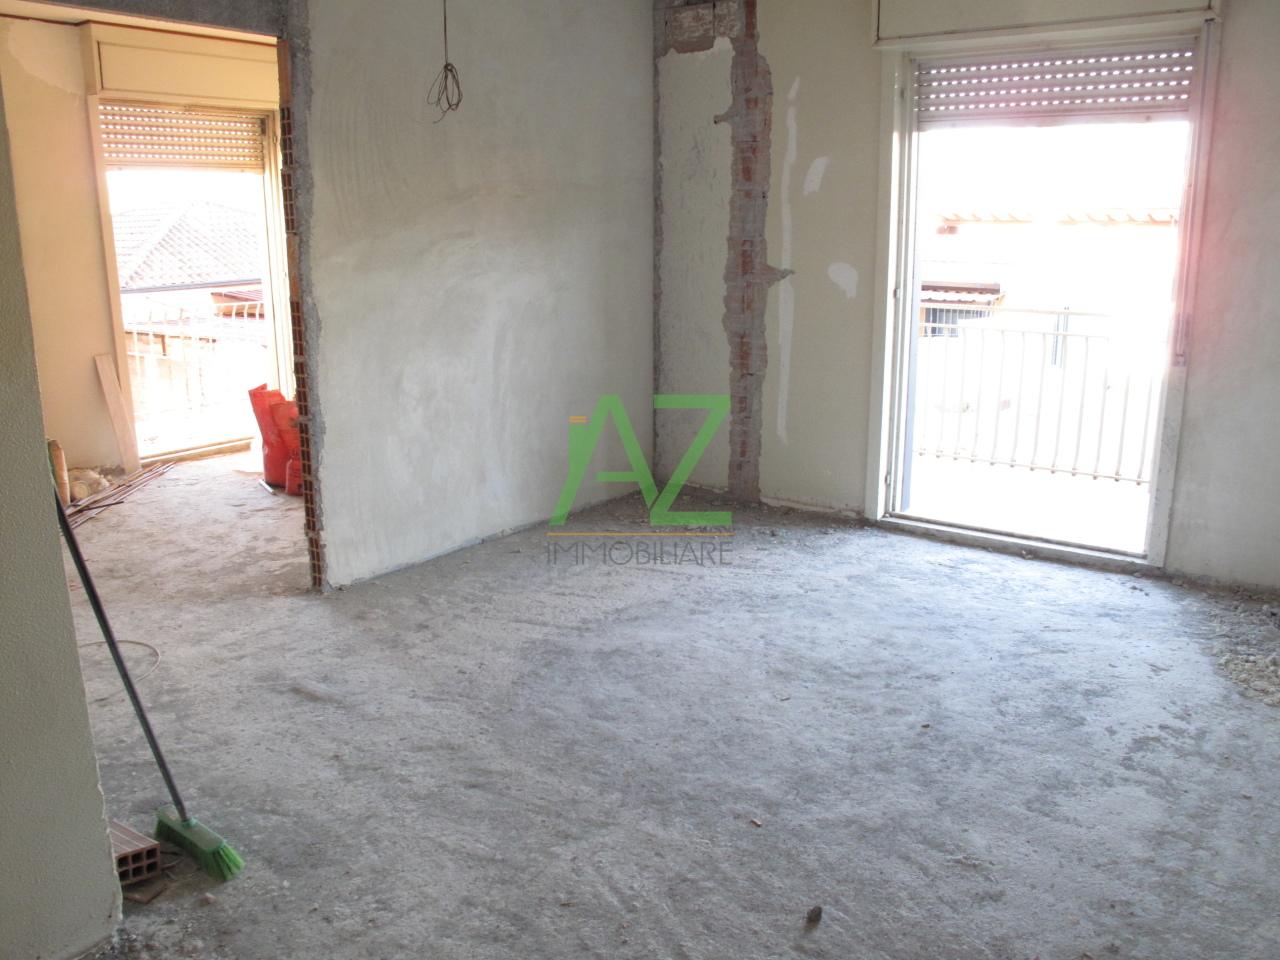 Appartamento in vendita a Misterbianco, 3 locali, prezzo € 75.000 | Cambio Casa.it